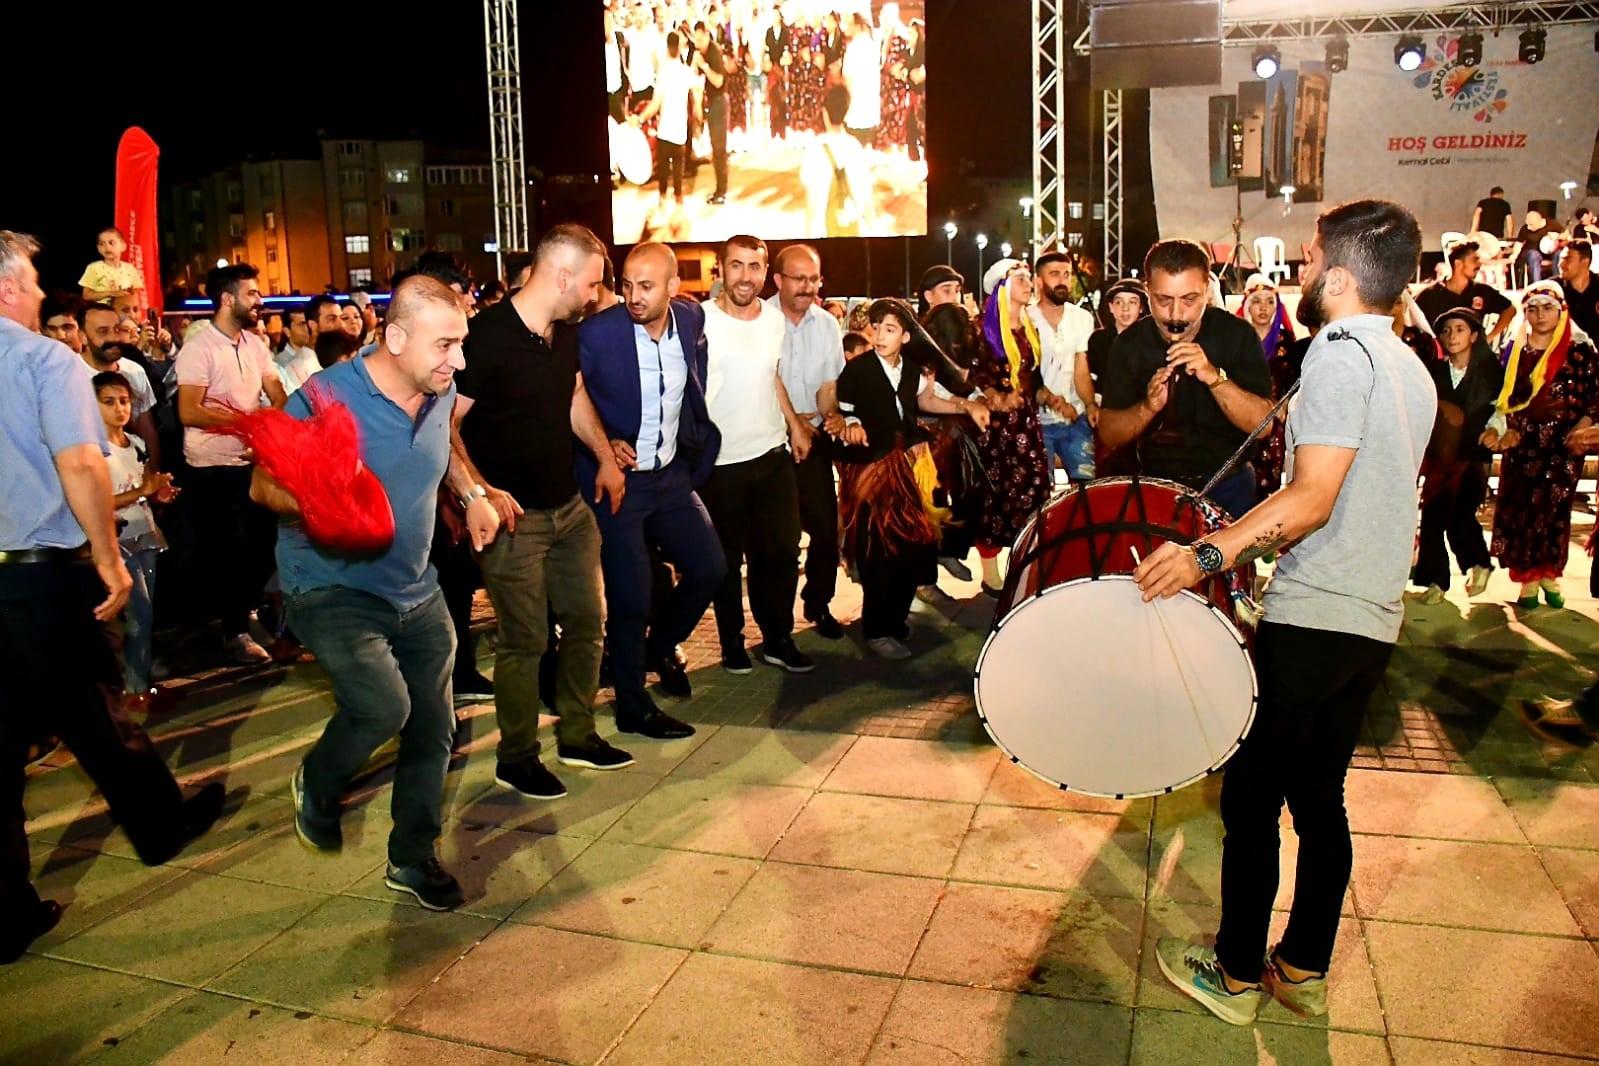 KARDEŞLİK FESTİVALİ'NDE GÜNEY DOĞU ANADOLU RÜZGARI